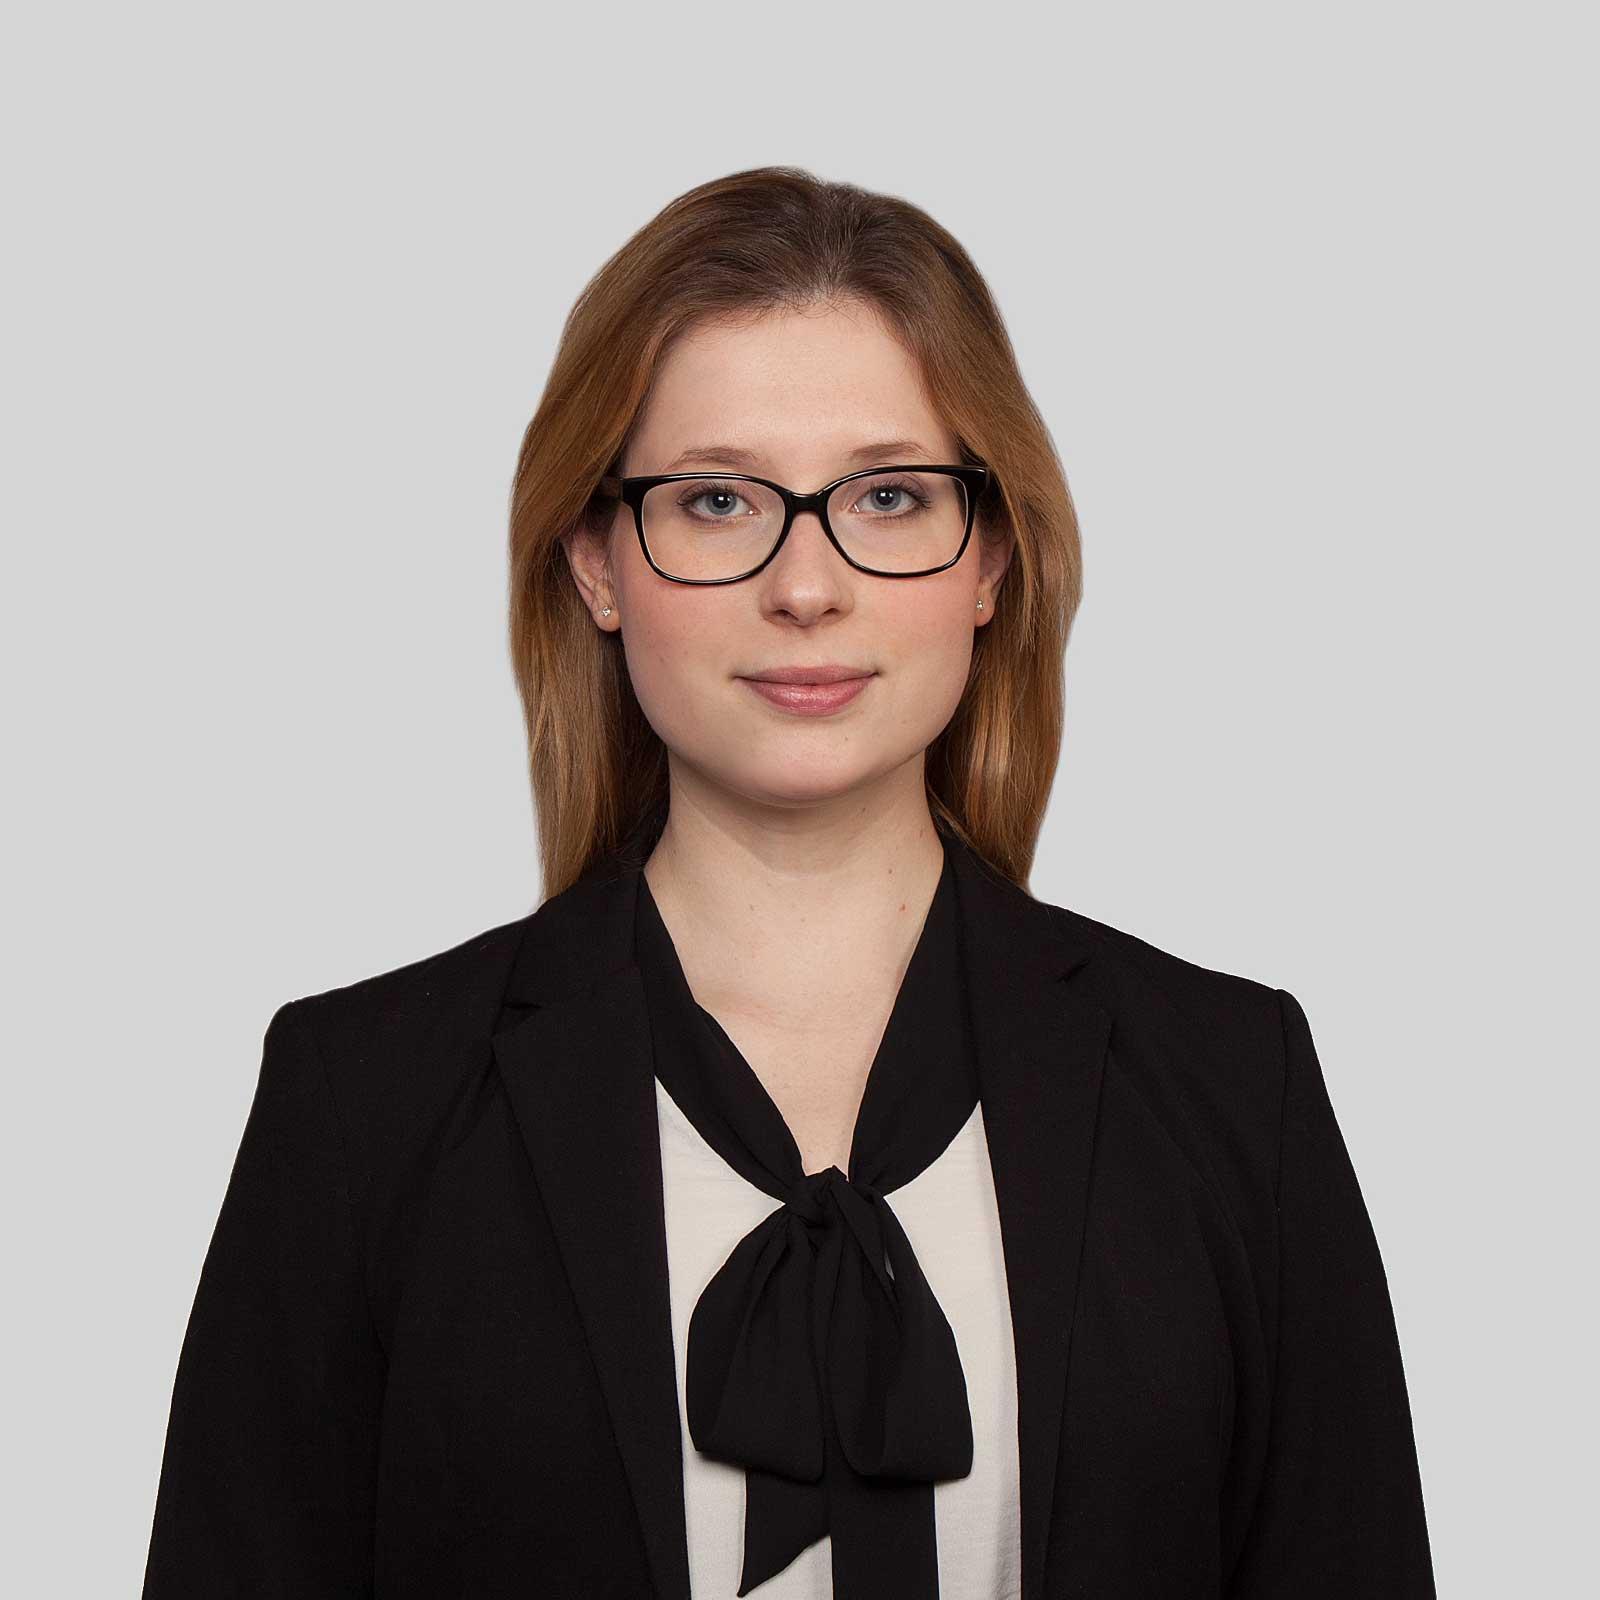 dr Laura Marciano USI Università della Svizzera italiana (Lugano, Switzerland)